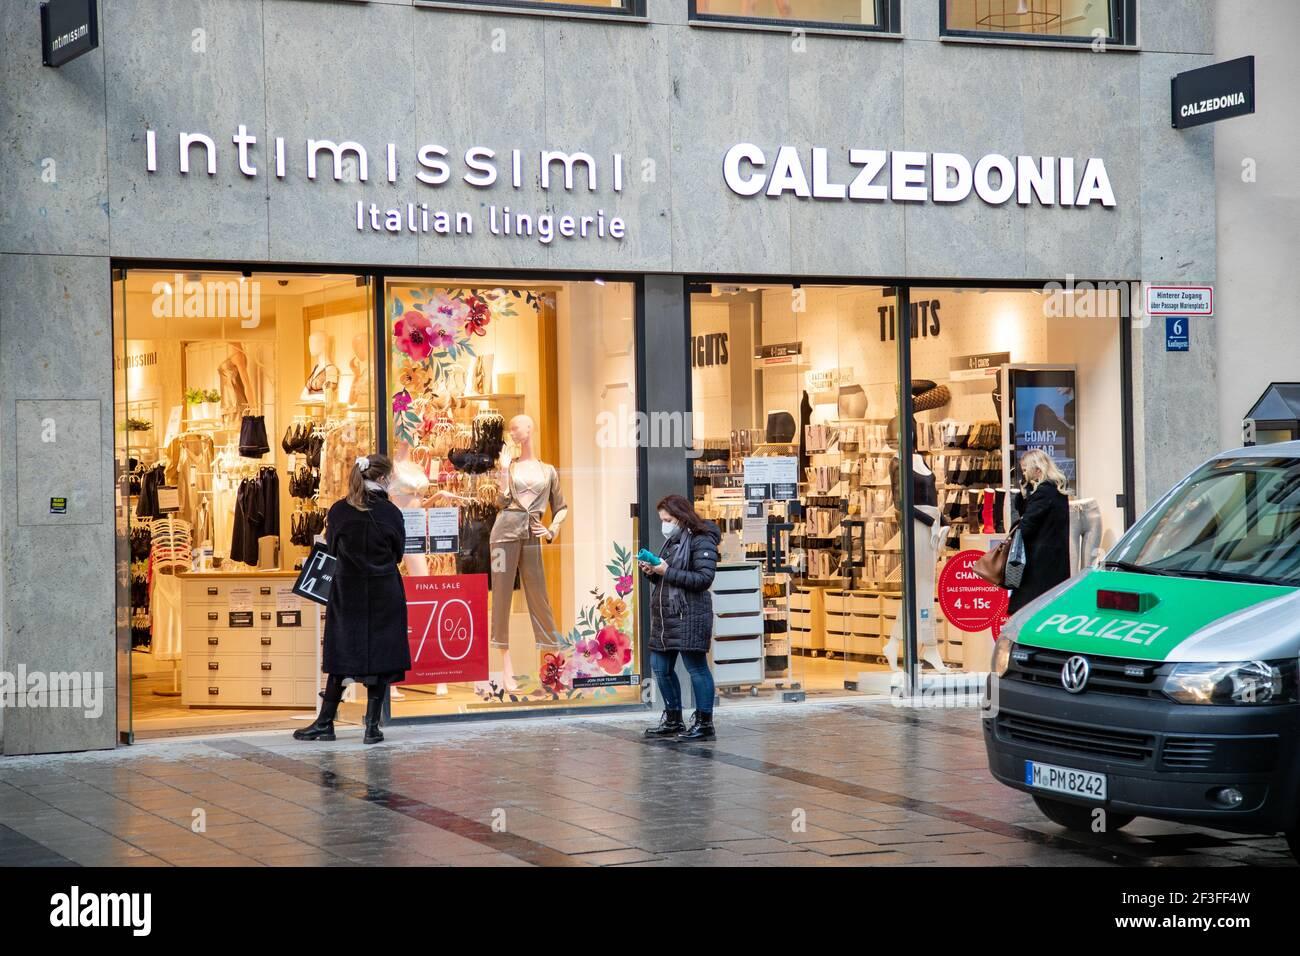 Lange vor Intimissimo und Calzedonia während die Polizei dran vorbeifährt. Viele Menschen nutzen den Nachmittag am 16,3.2021, um in der Innenstadt von München einzulaufen. Da die Inzidenz in München weiter über 50 liegt und nun stetig steigt, muss man zum Shoppen (in der Fußgängerzone) vor einem Termin vereinbaren. - viele nutzen die Gelegenheit am 16 2021. März, um in der Münchner Innenstadt einzukaufen. Da die Inzidenz über 50 liegt und steigt, muss man sich vor dem Kauf registrieren. (Foto: Alexander Pohl/Sipa USA) Quelle: SIPA USA/Alamy Live News Stockfoto